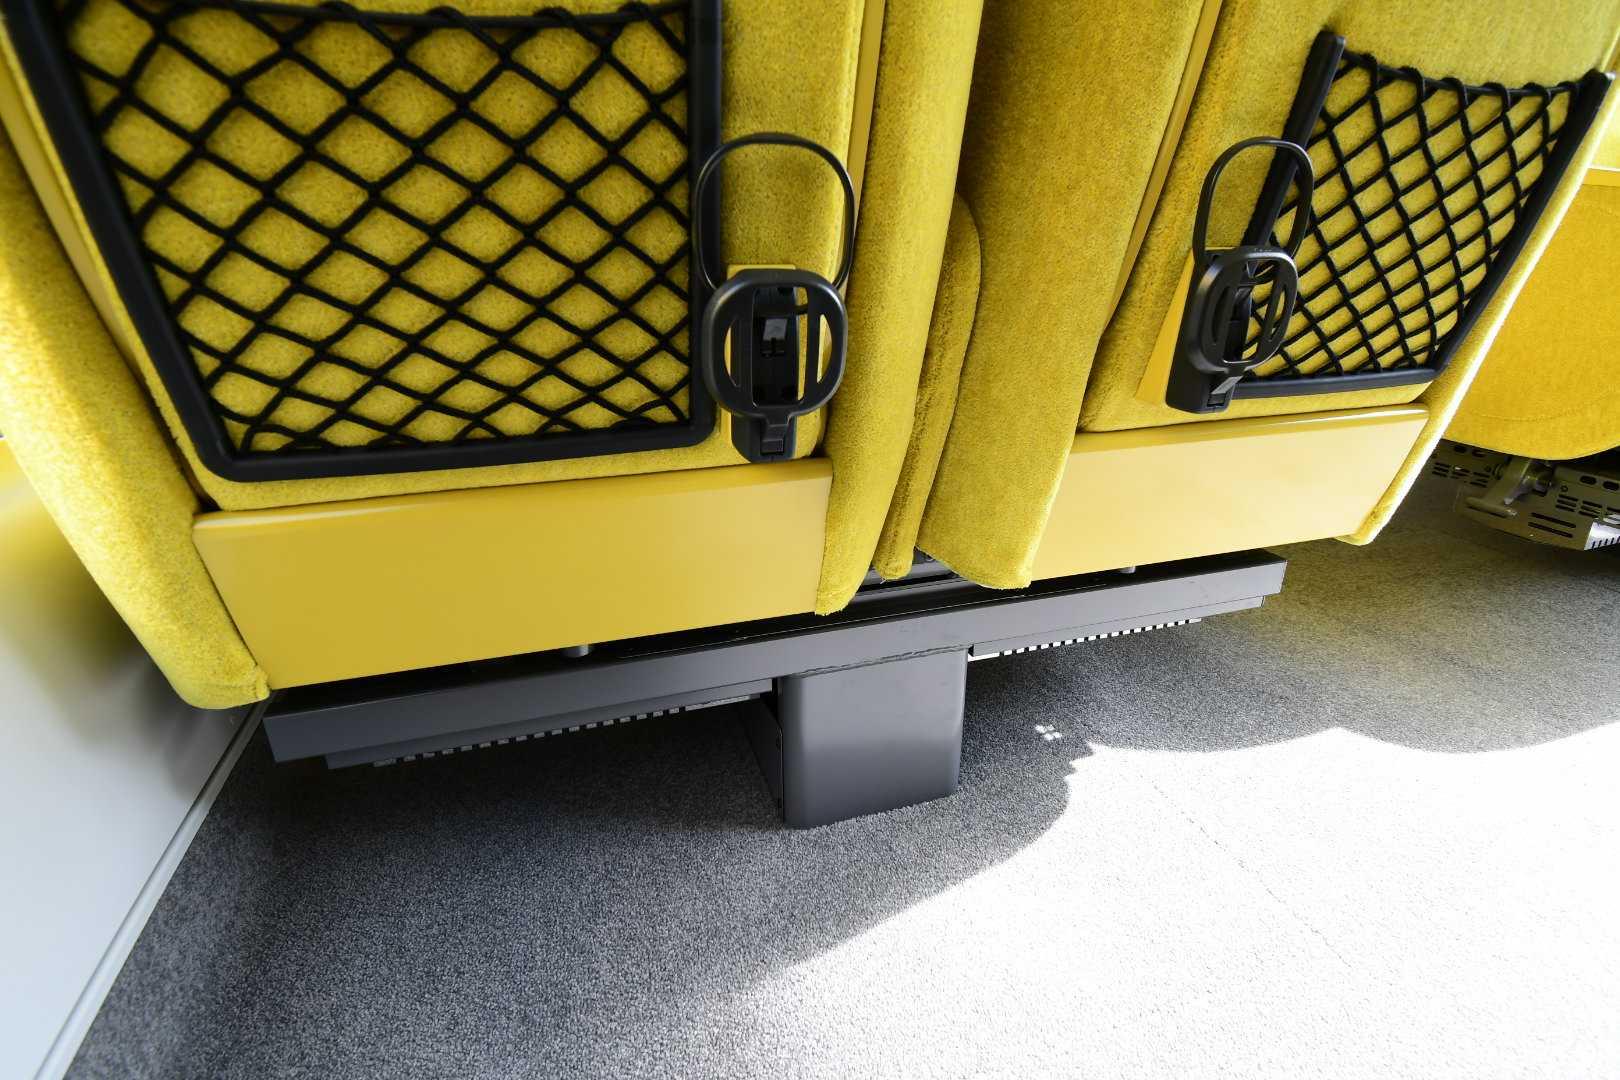 Laviewの座席下は柱があるだけのスッキリしたもの。足を十分に伸ばせます